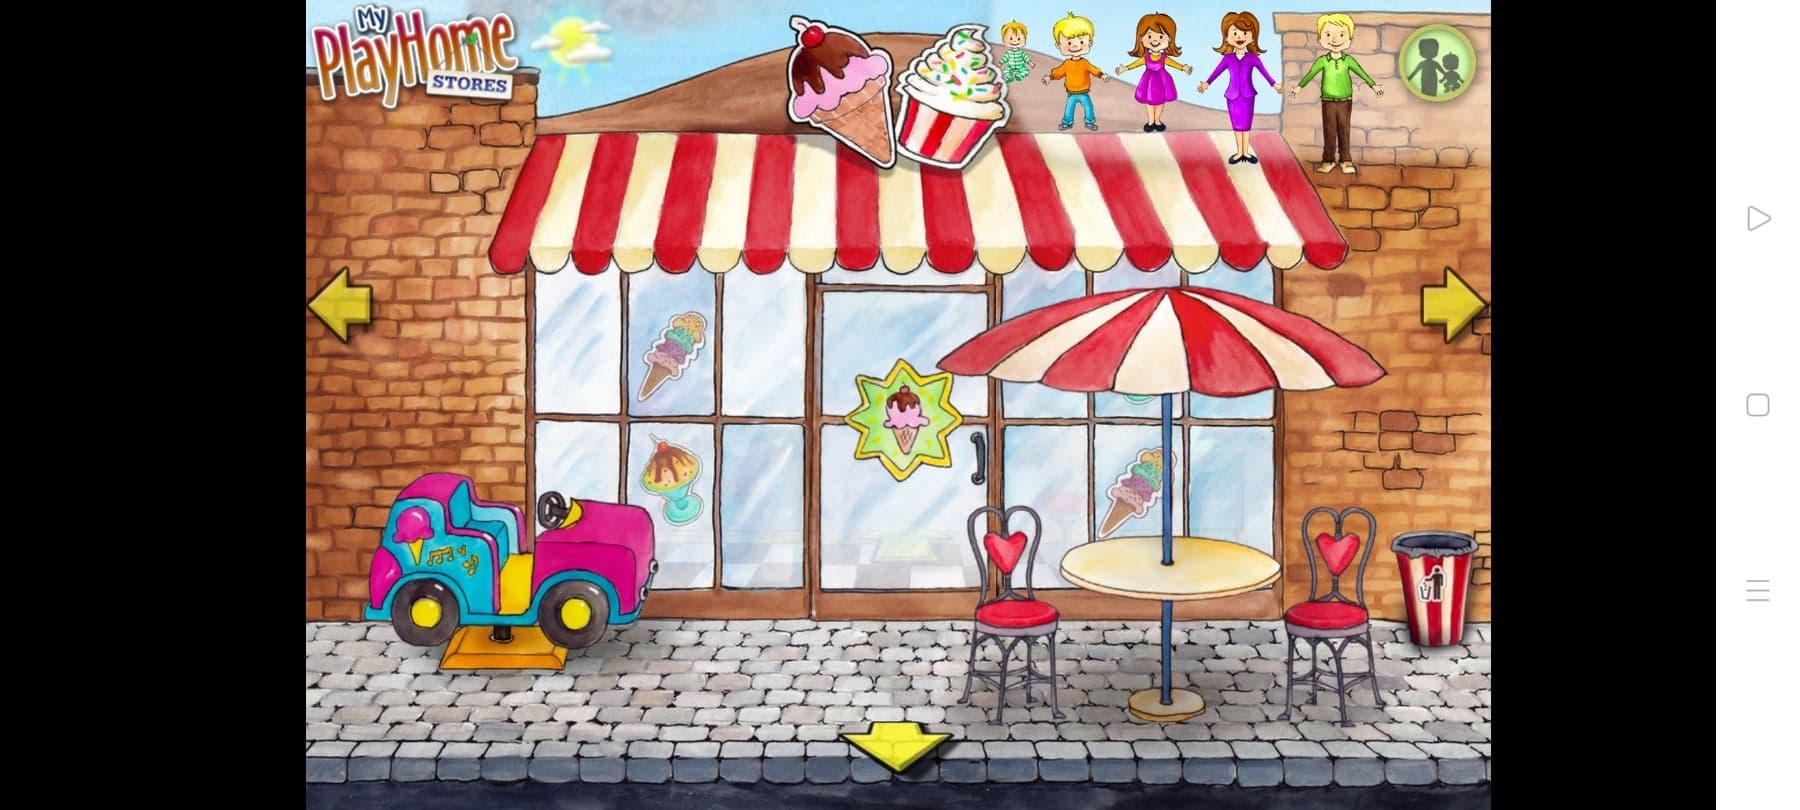 ماي بلاي هوم السوق2 تحميل ماي بلاي هوم السوق للاندرويد My Play Home Store